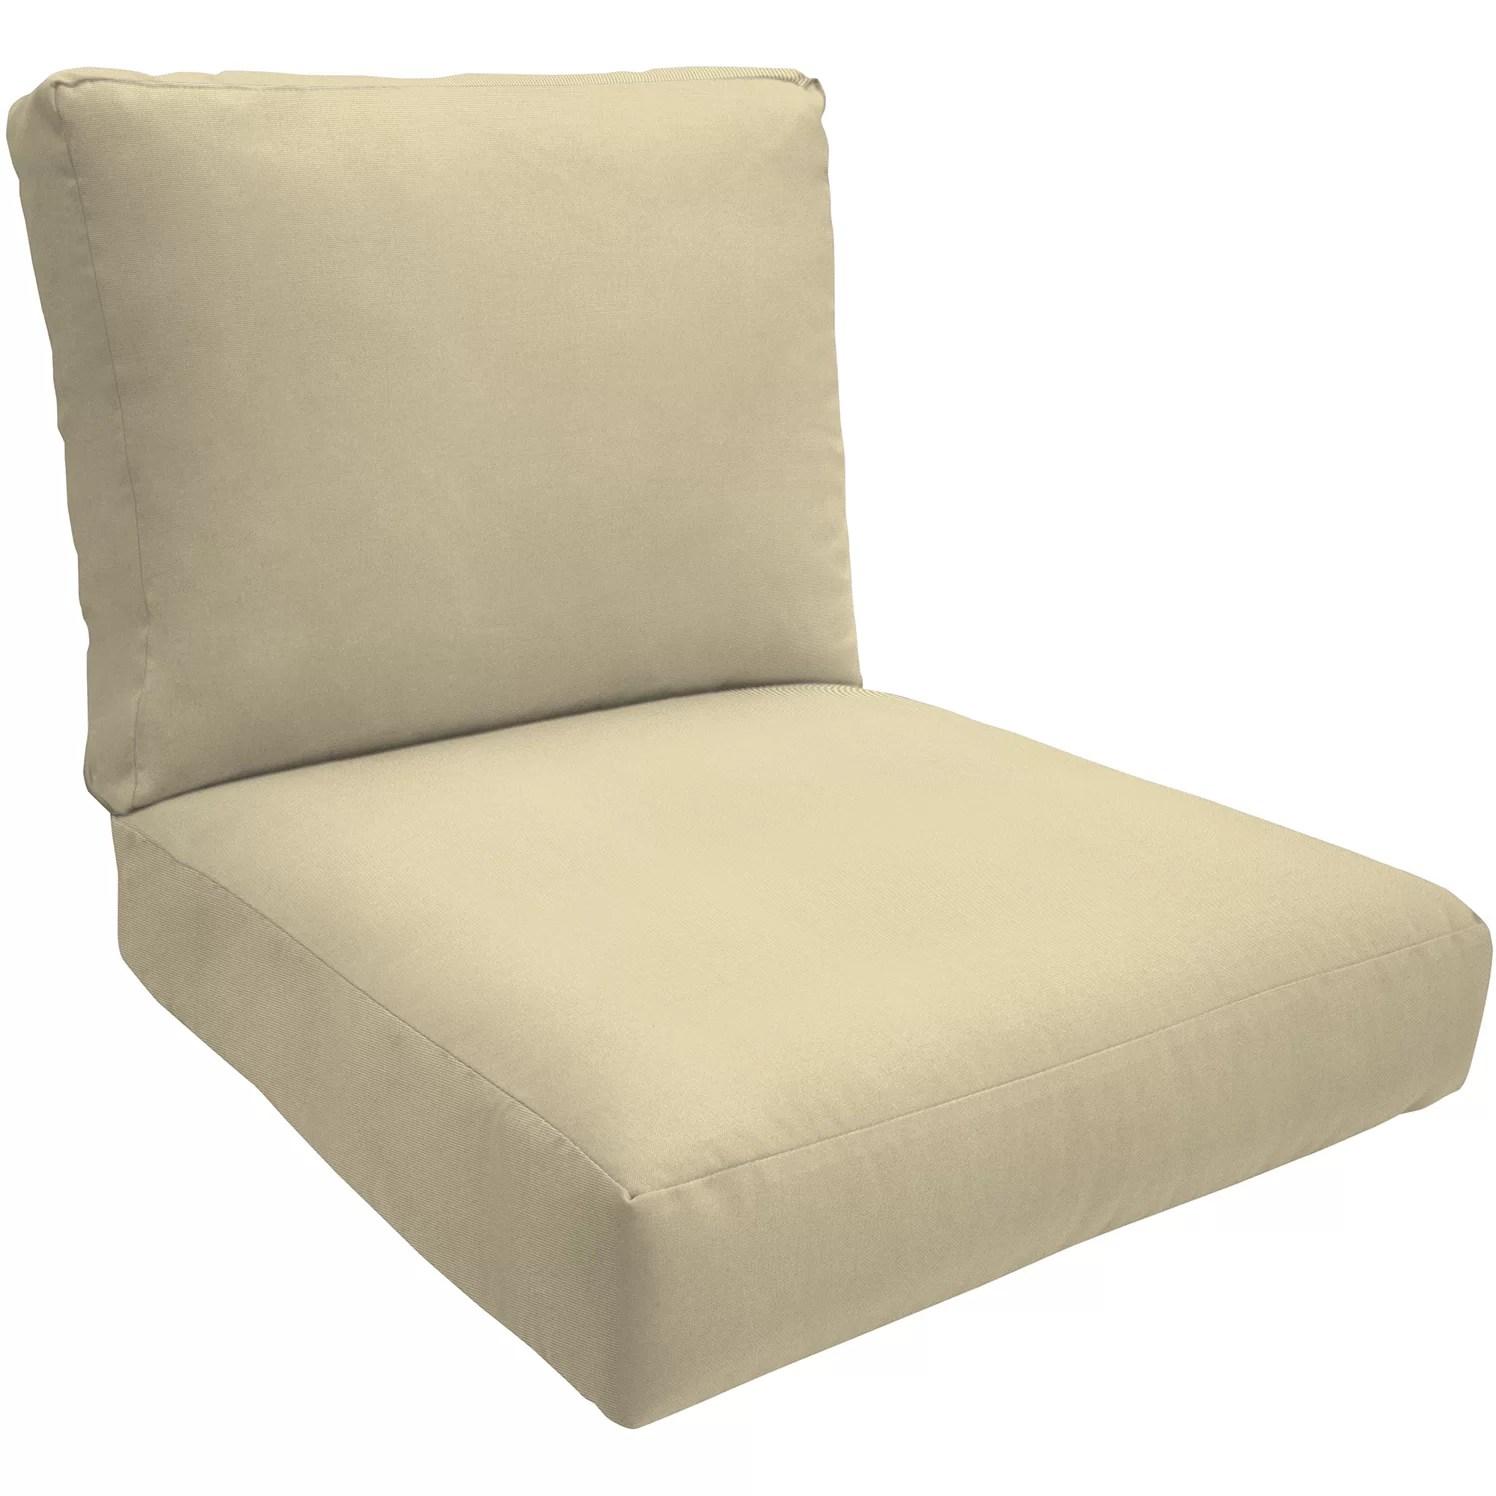 Wayfair Custom Outdoor Cushions KnifeEdge Outdoor